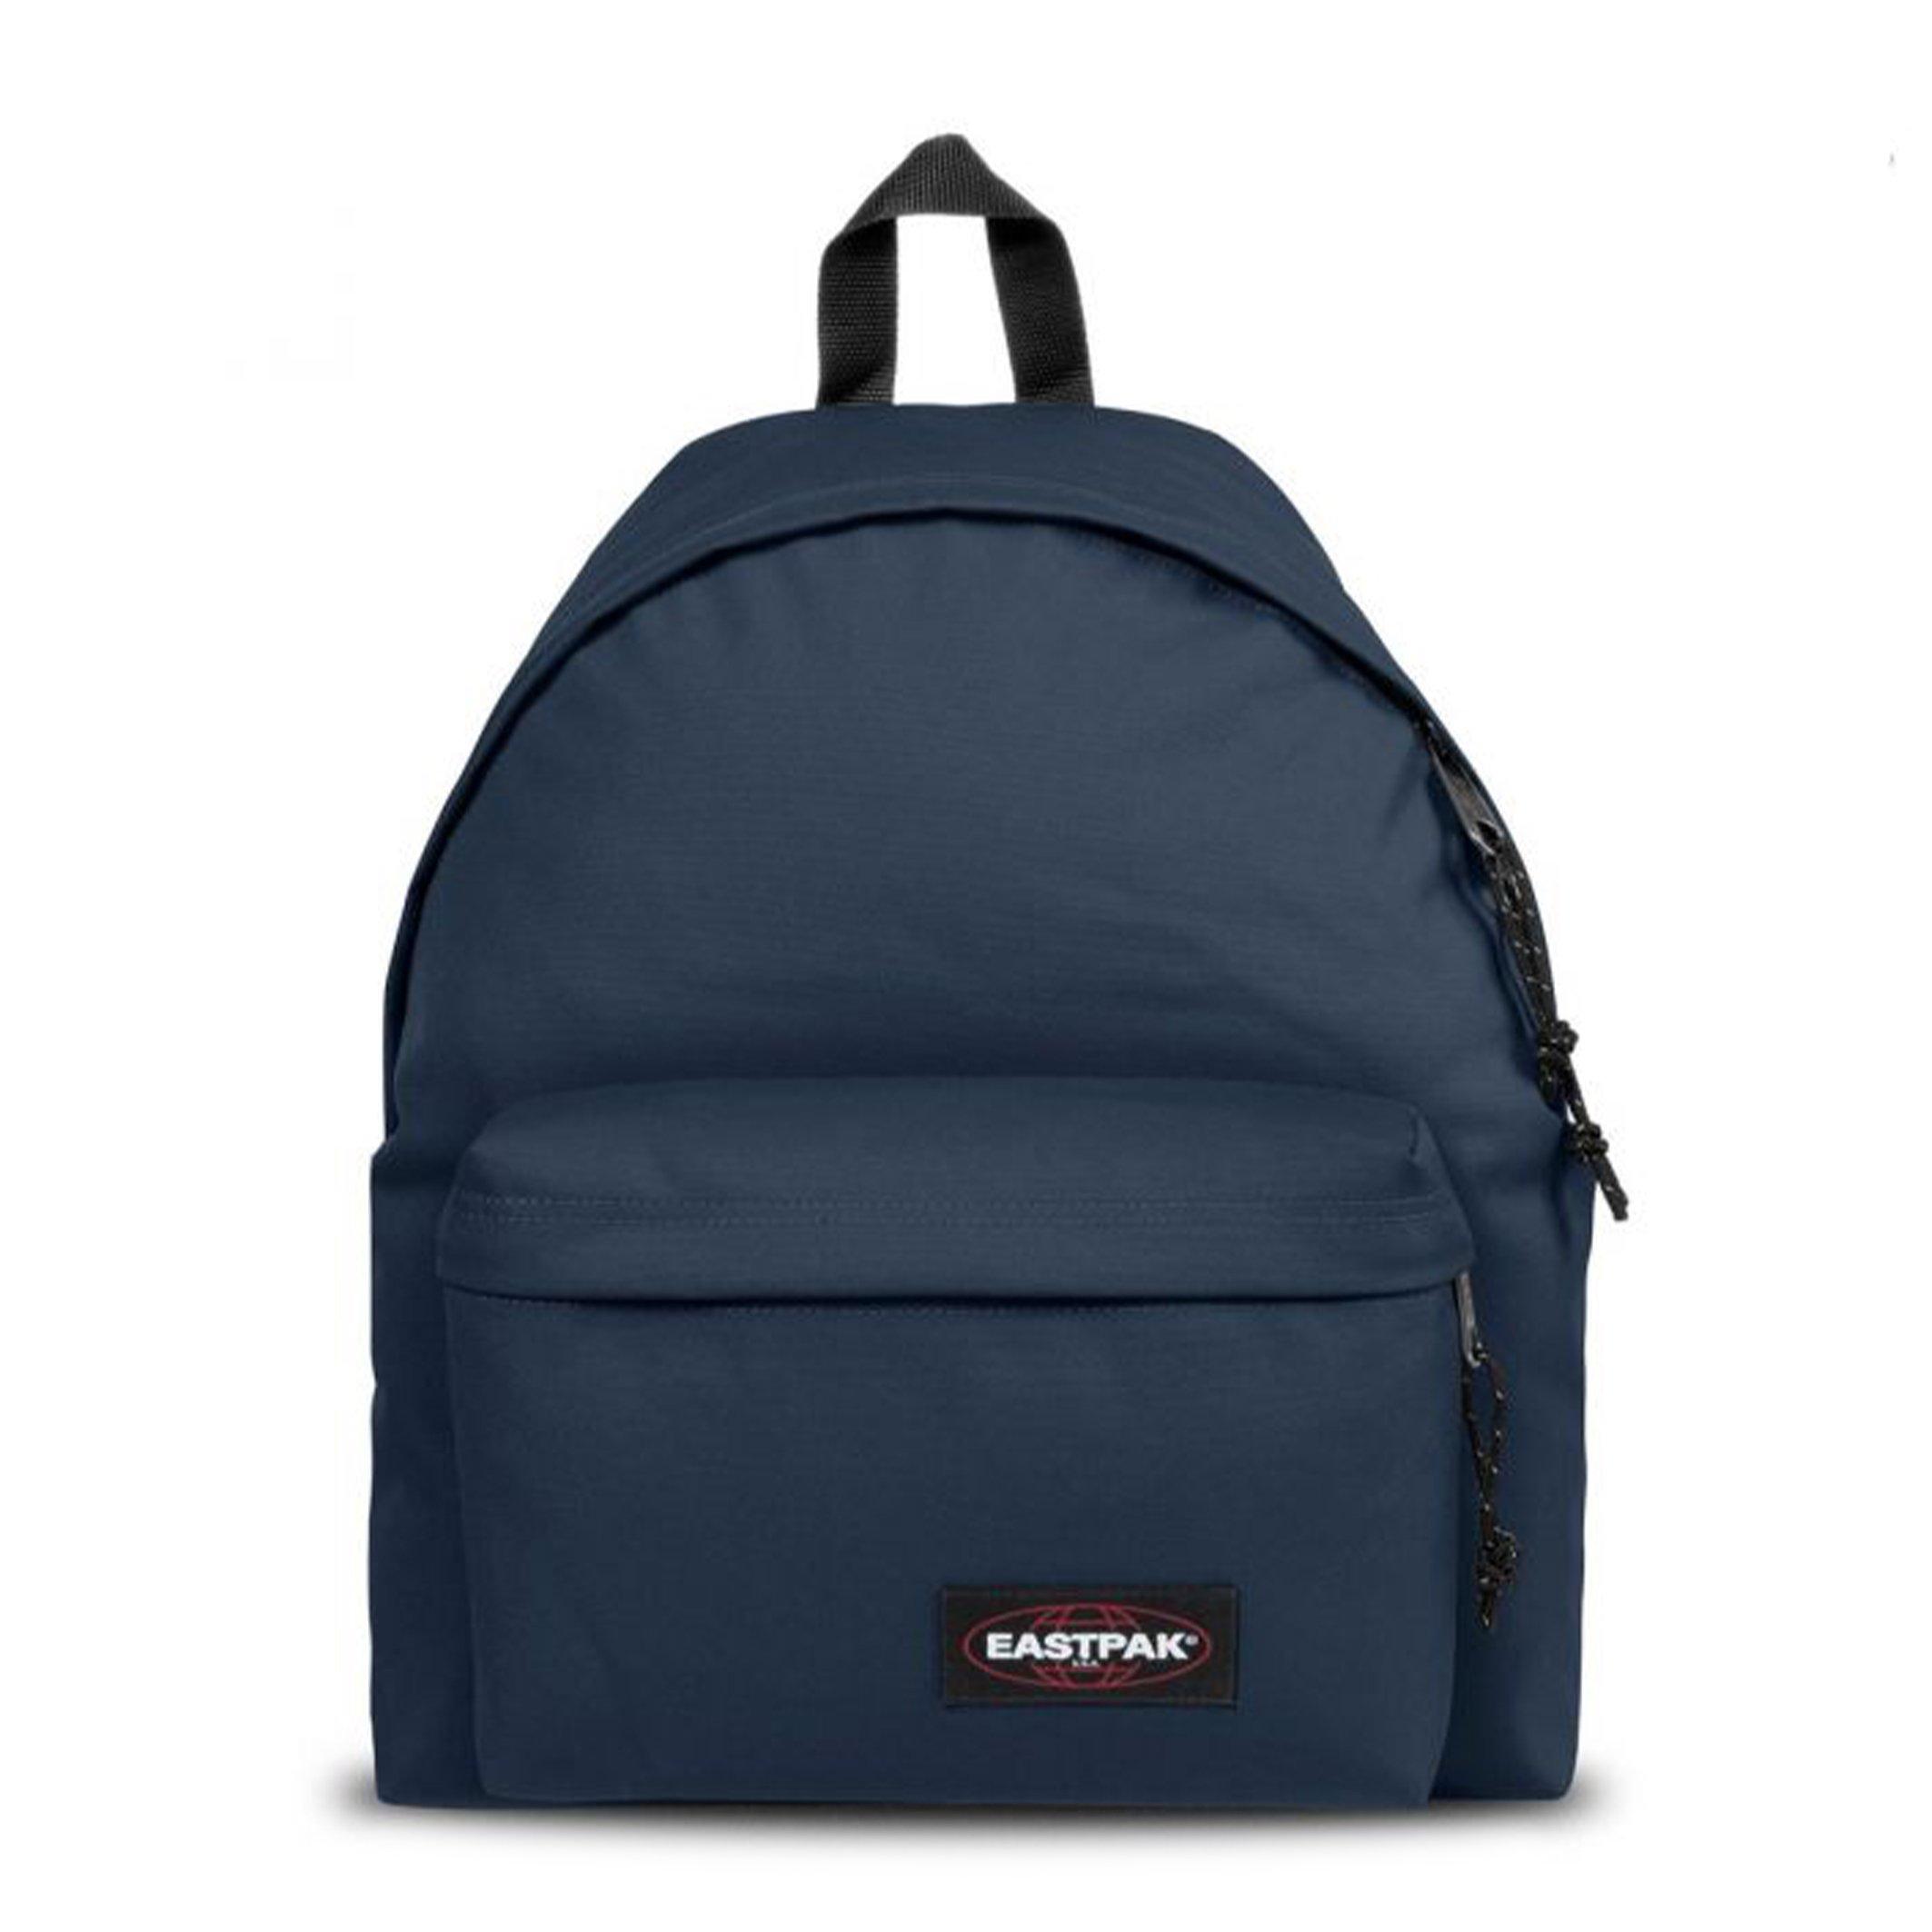 Eastpak Unisex Backpack Various Colours EK000620_008 - blue NOSIZE